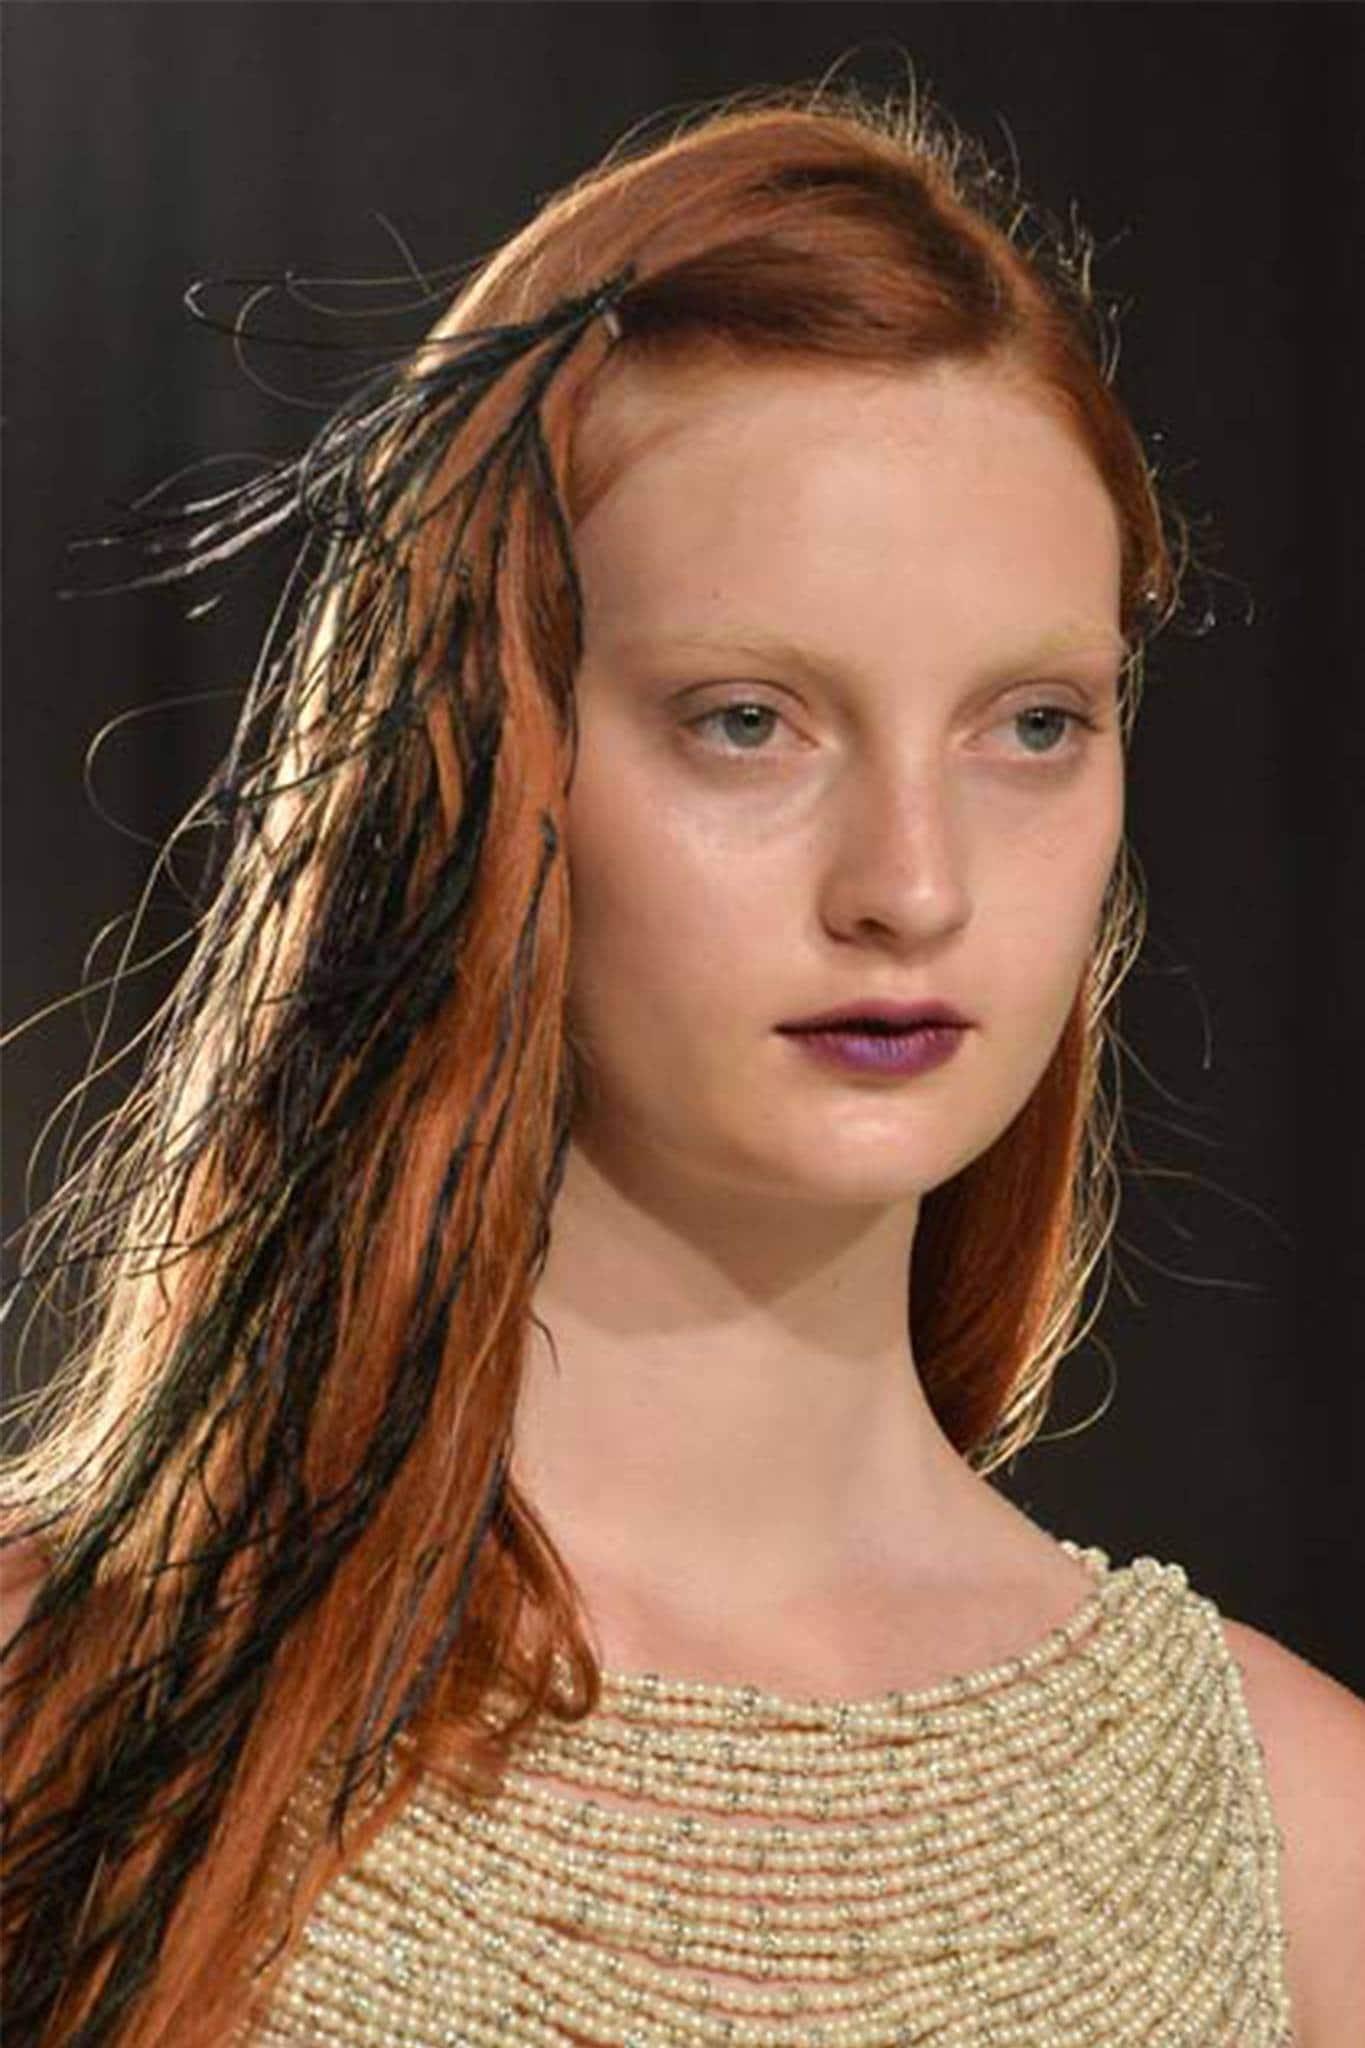 mujer pelirroja con peinado de lado con plumas